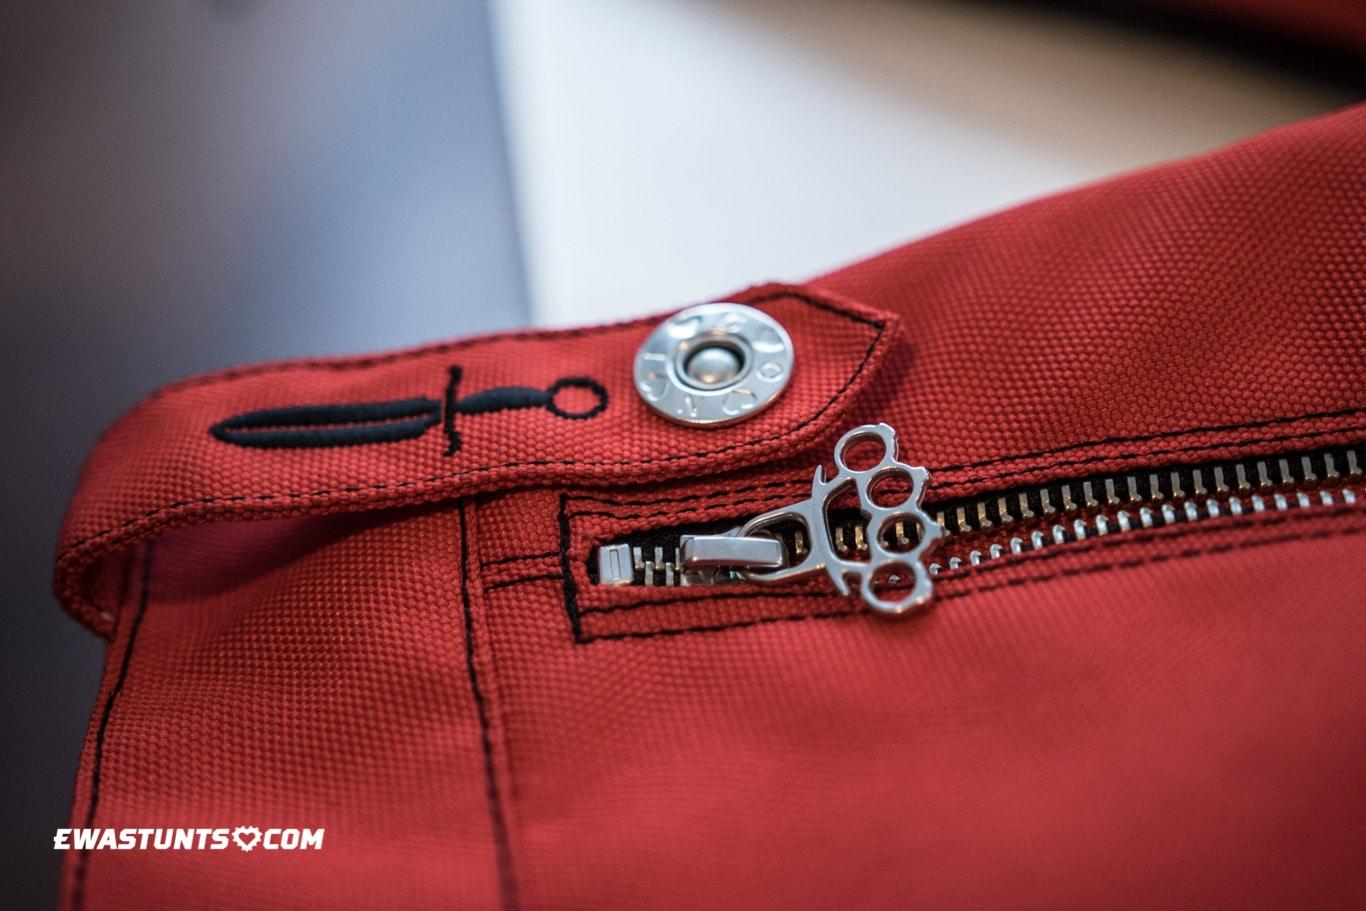 ewastunts_icon_jacket-6